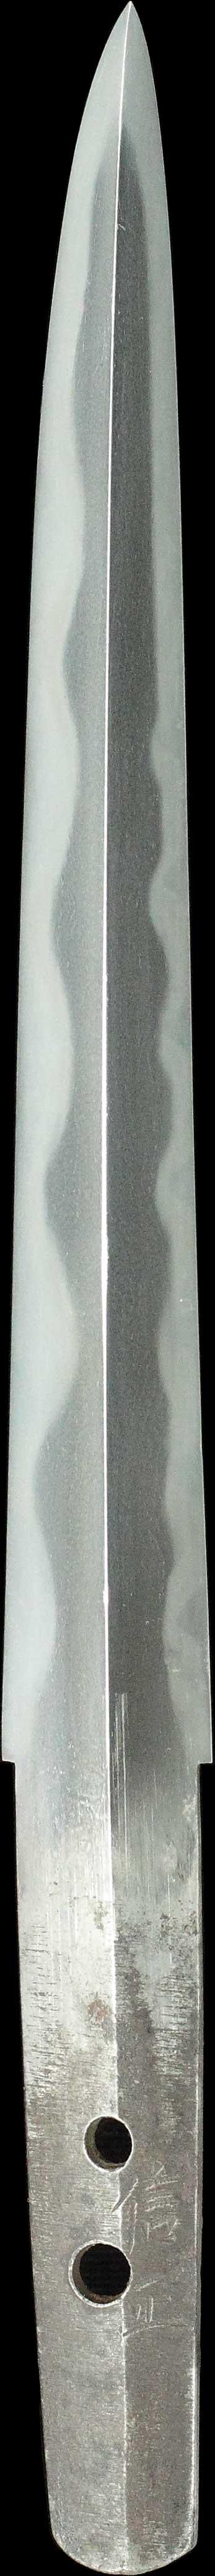 信正の刀身縦表全景